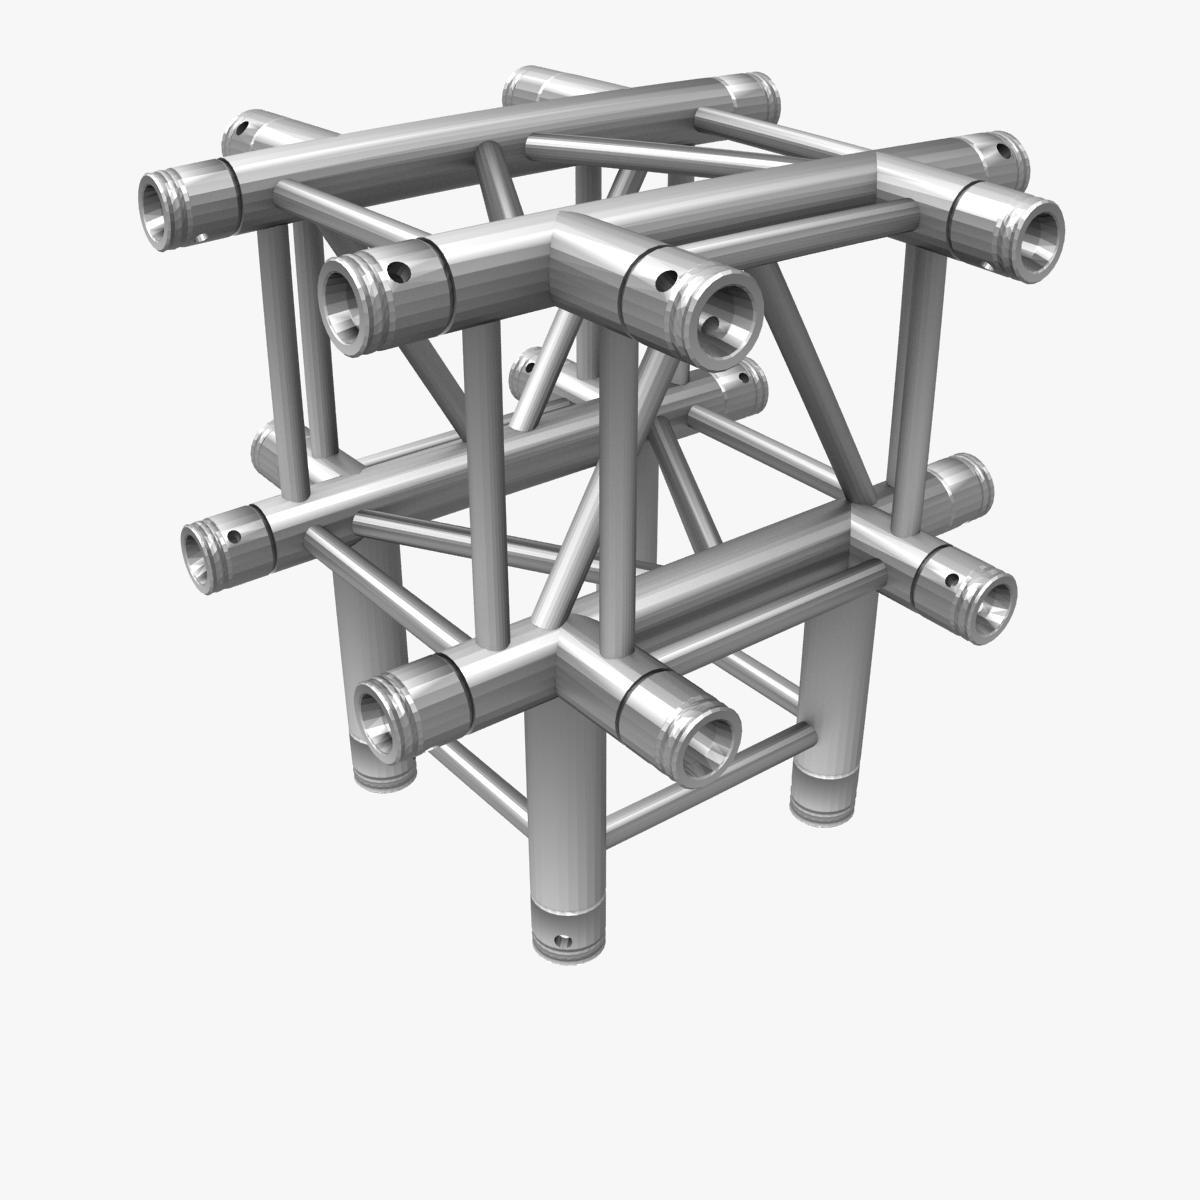 square light trusses (collection 50 modular) 3d model 3ds max dxf fbx c4d dae texture obj 216175